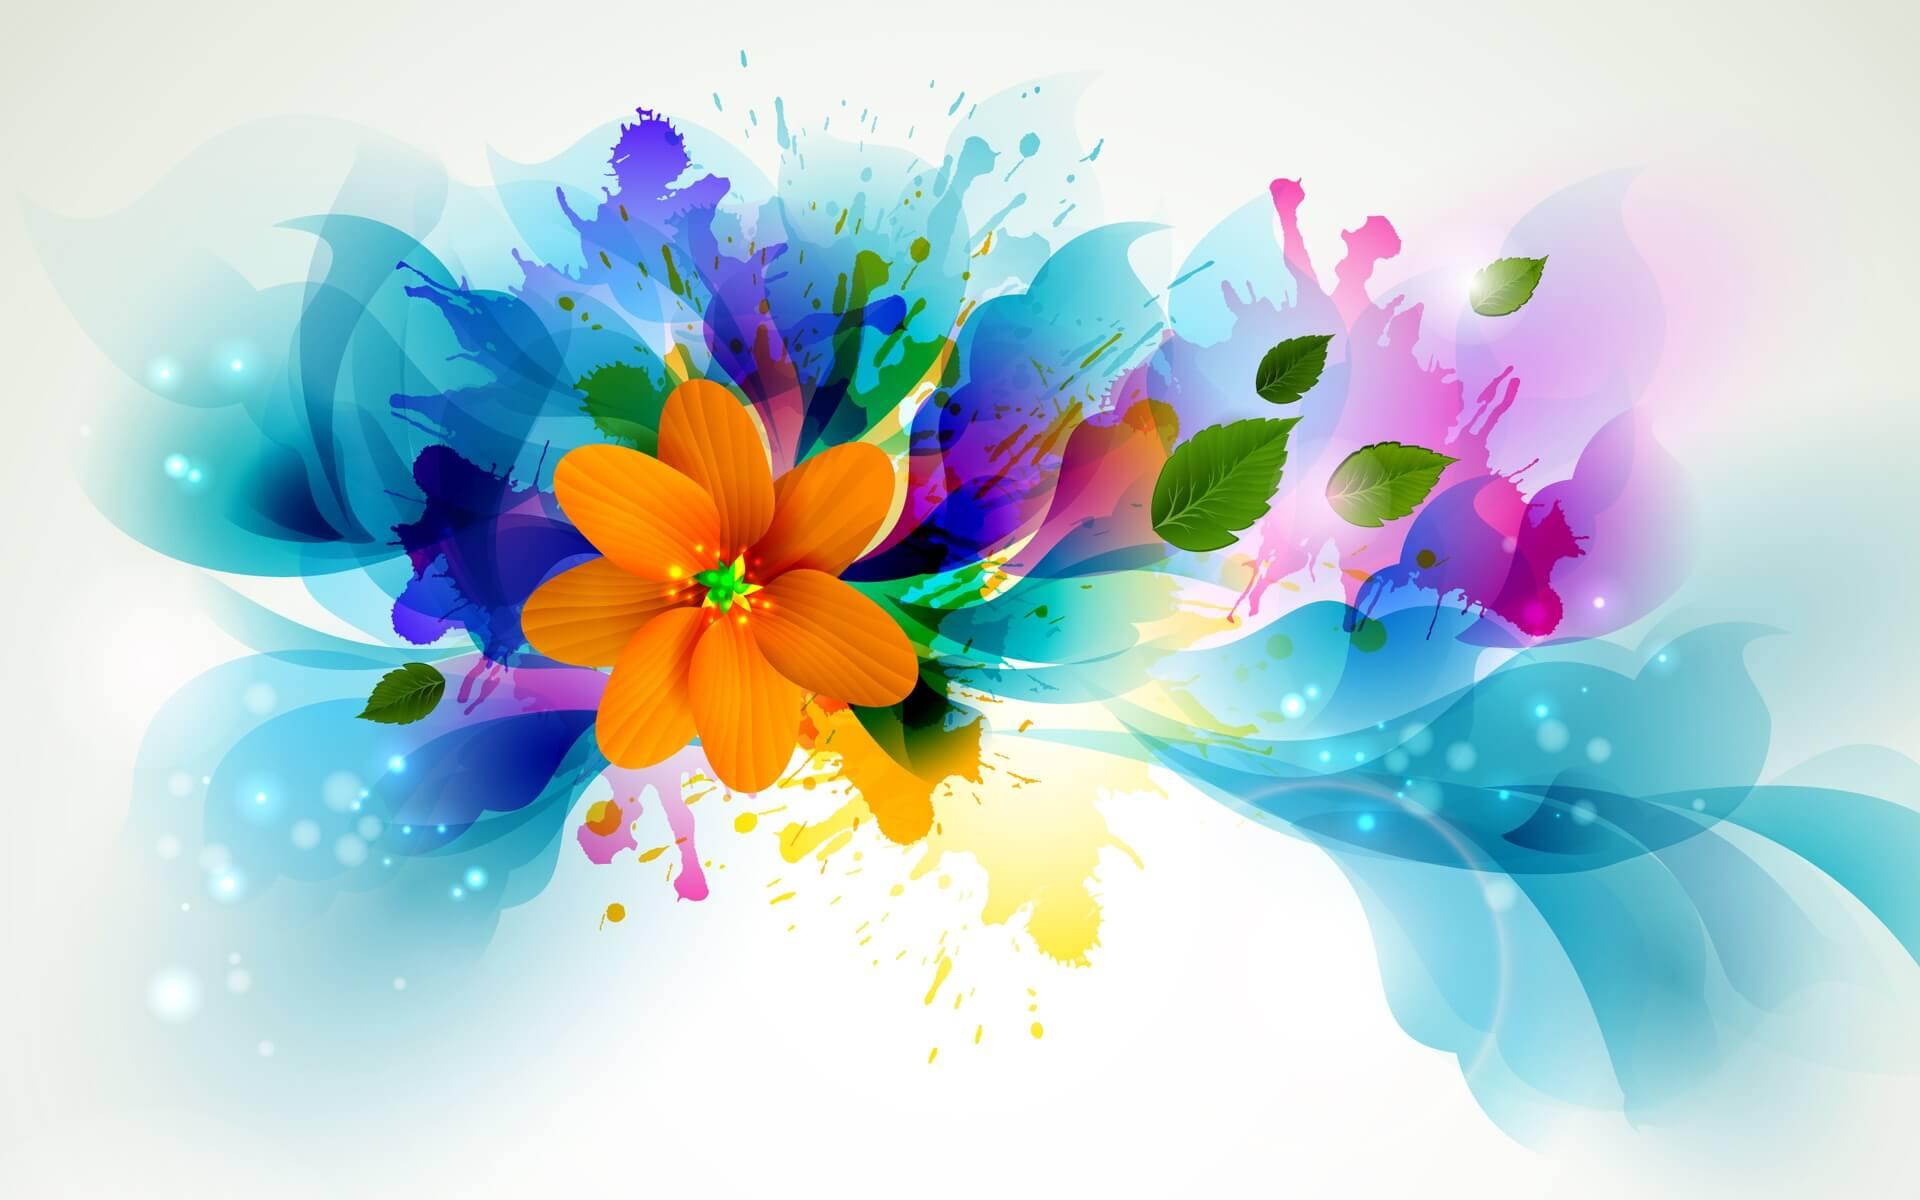 Обои На Рабочий Стол Абстракция Цветов